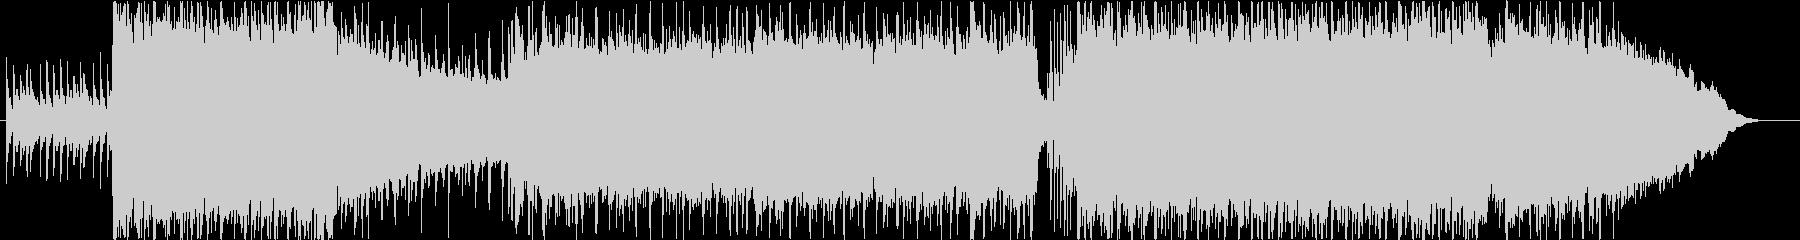 ロックサウンドのBGMです。の未再生の波形